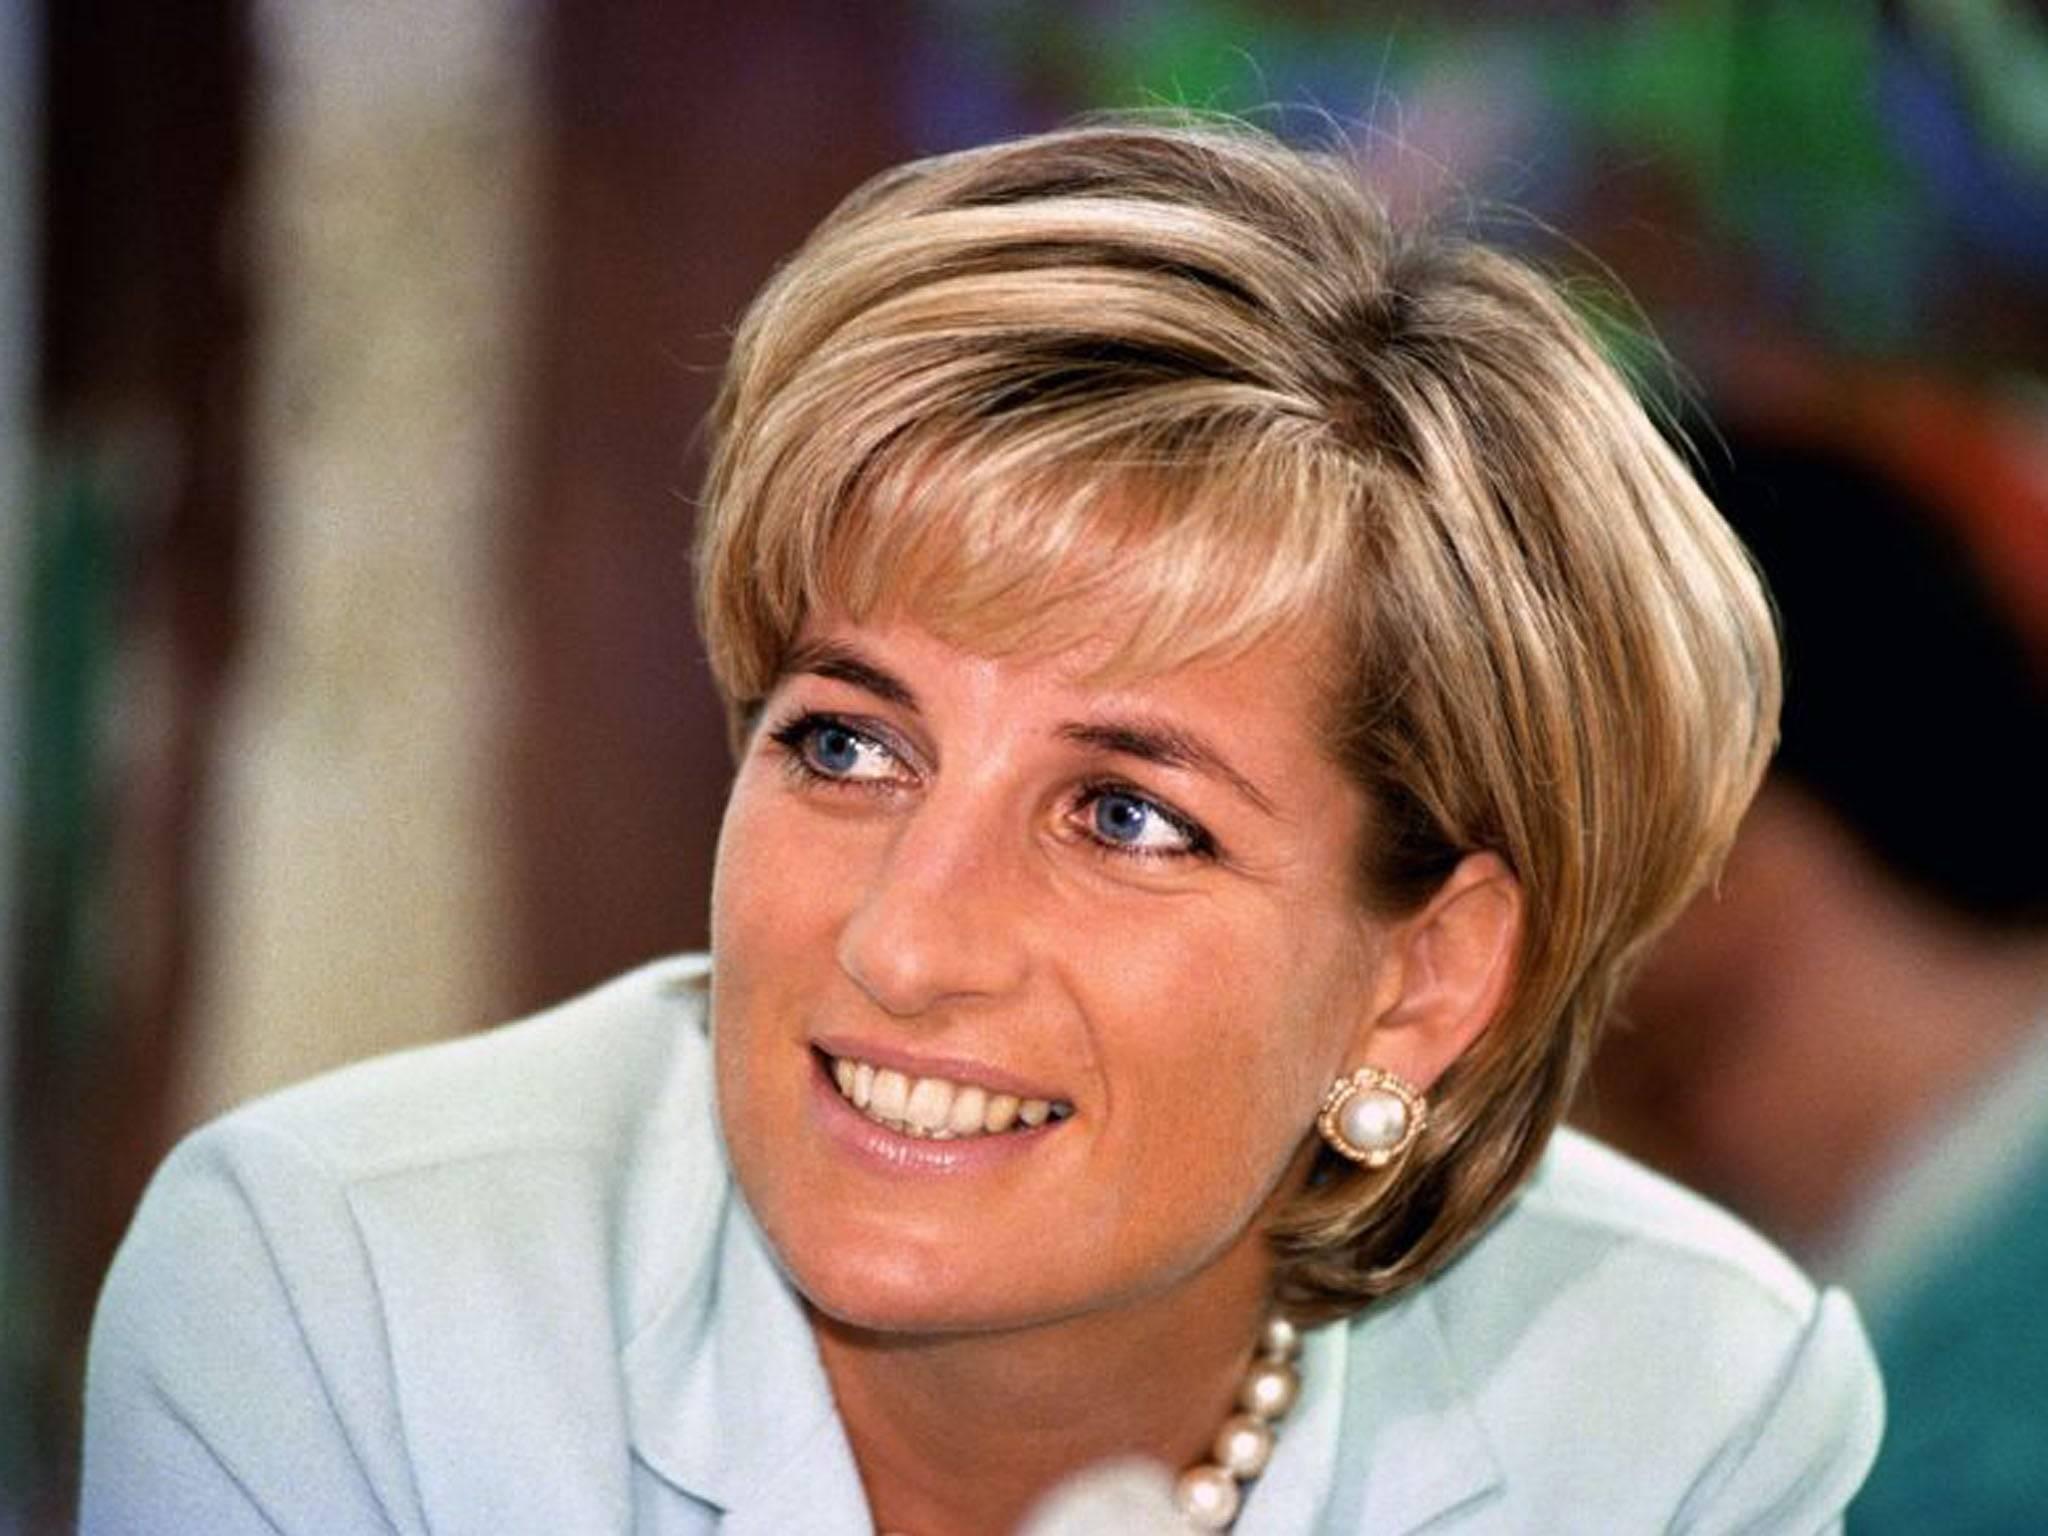 Motivul pentru care Prințesa Diana și-a tuns părul scurt la începutul anilor 90'